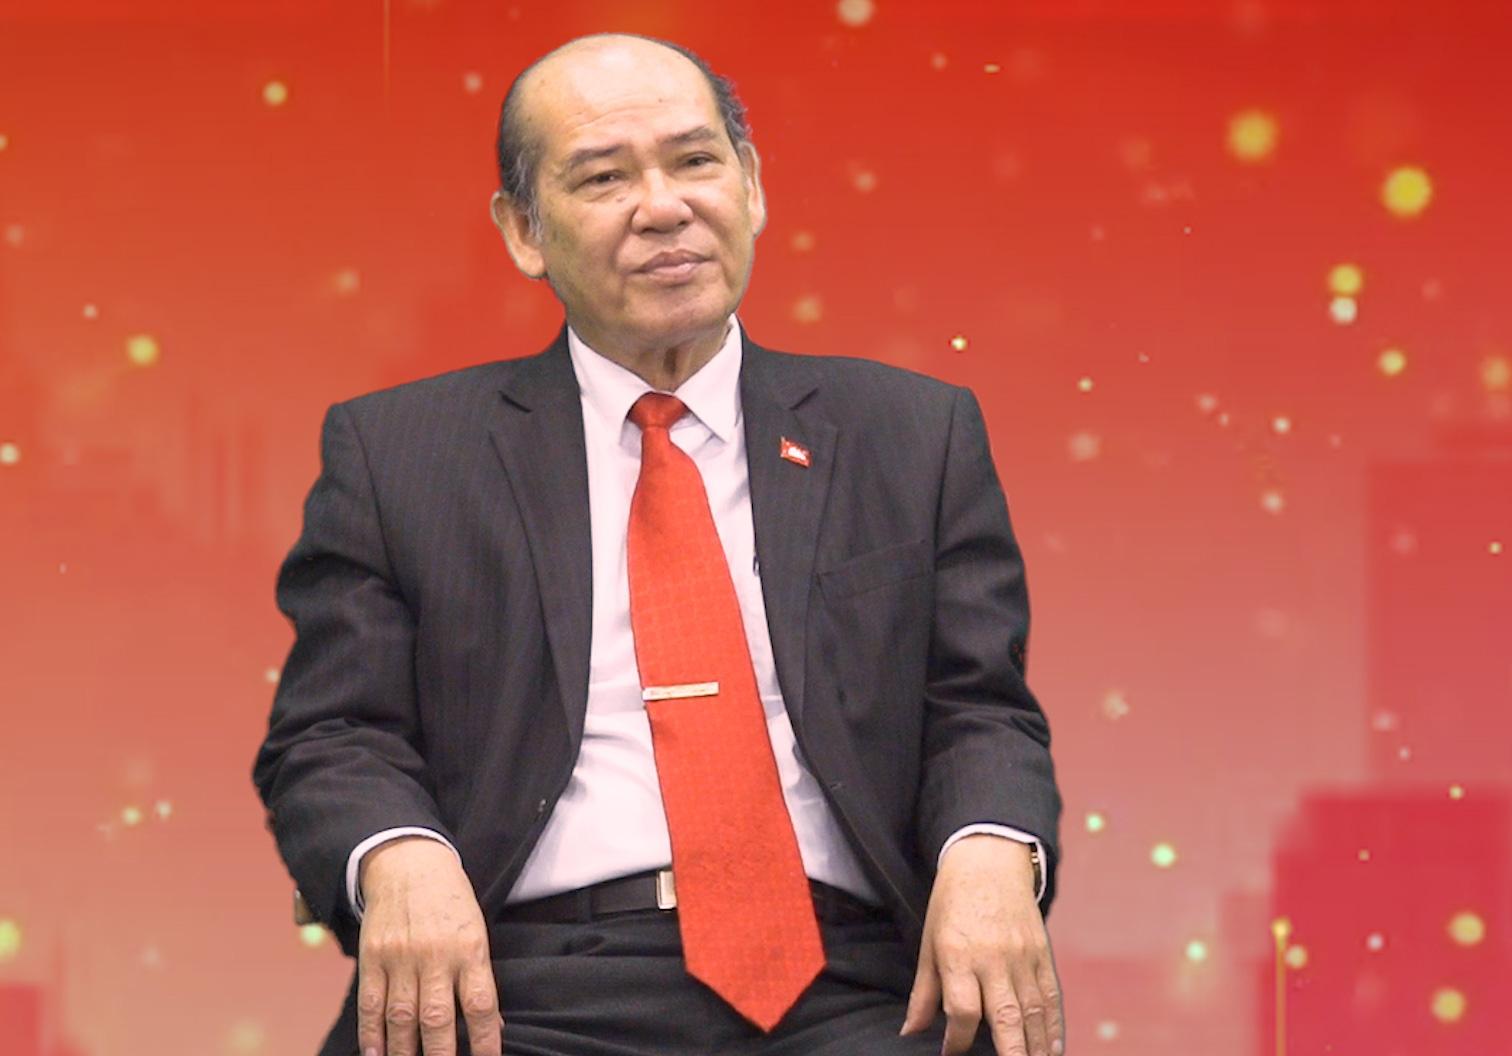 Giao lưu trực tuyến trước thềm Đại hội Đại biểu toàn quốc lần thứ XIII của Đảng - Ảnh 2.